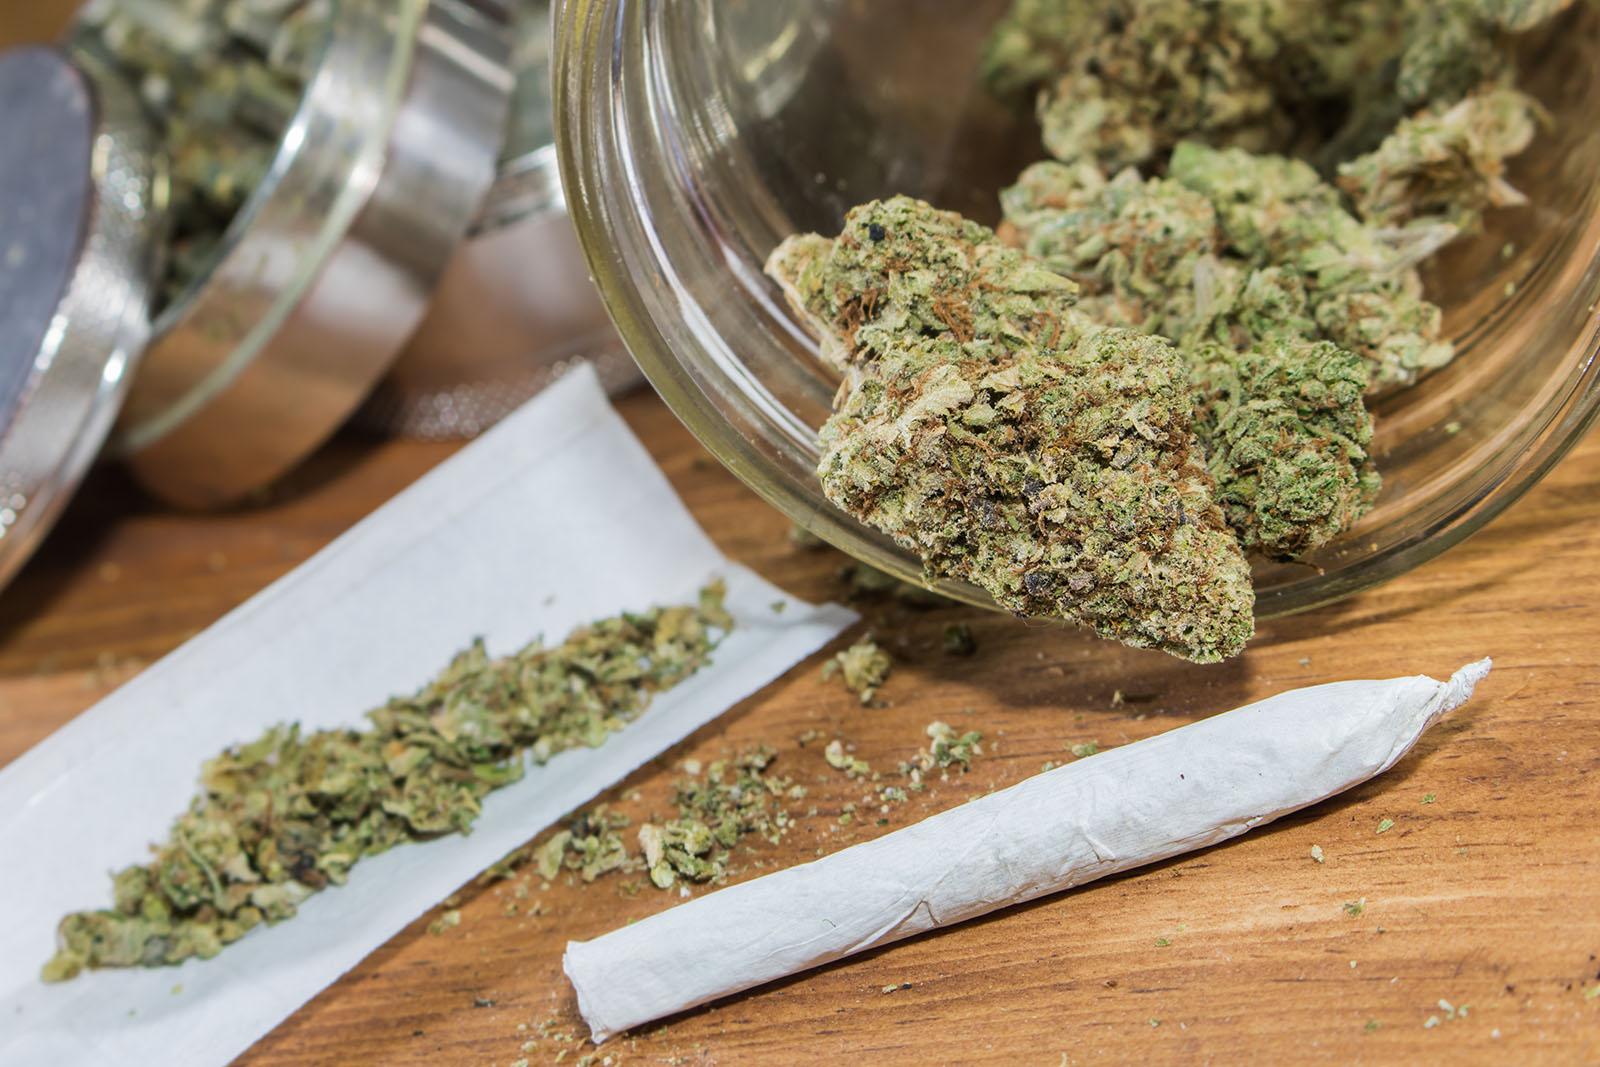 Как эффективно употреблять марихуану конопля руками